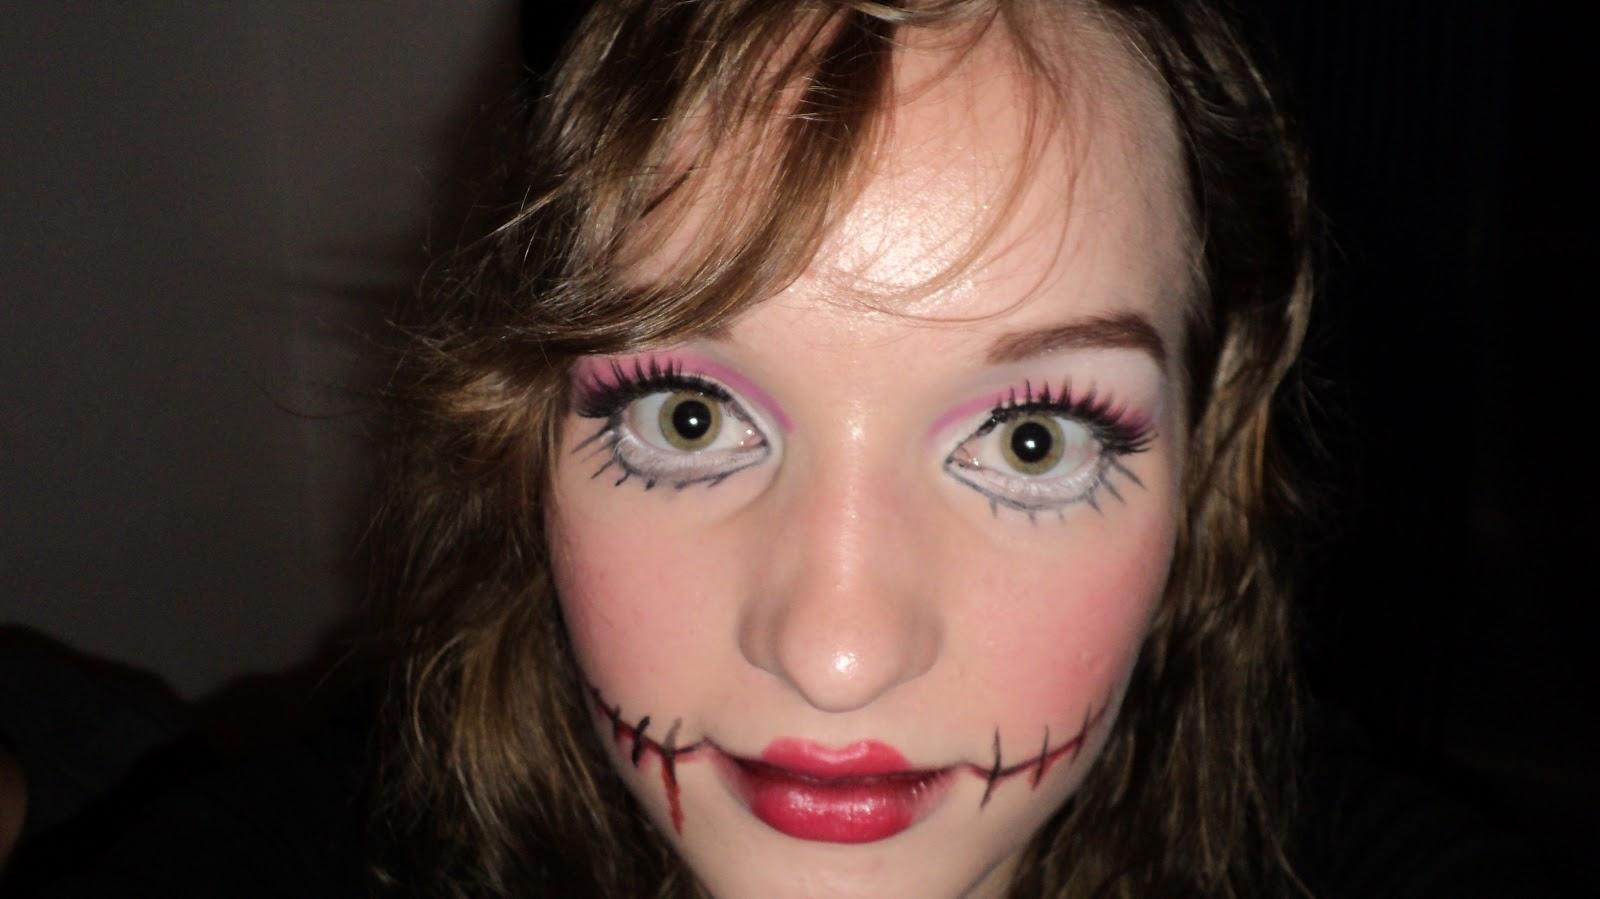 Hoe Ga Je Verkleed Met Halloween.The Make Up Hotspot Halloween Make Up Freaky Doll